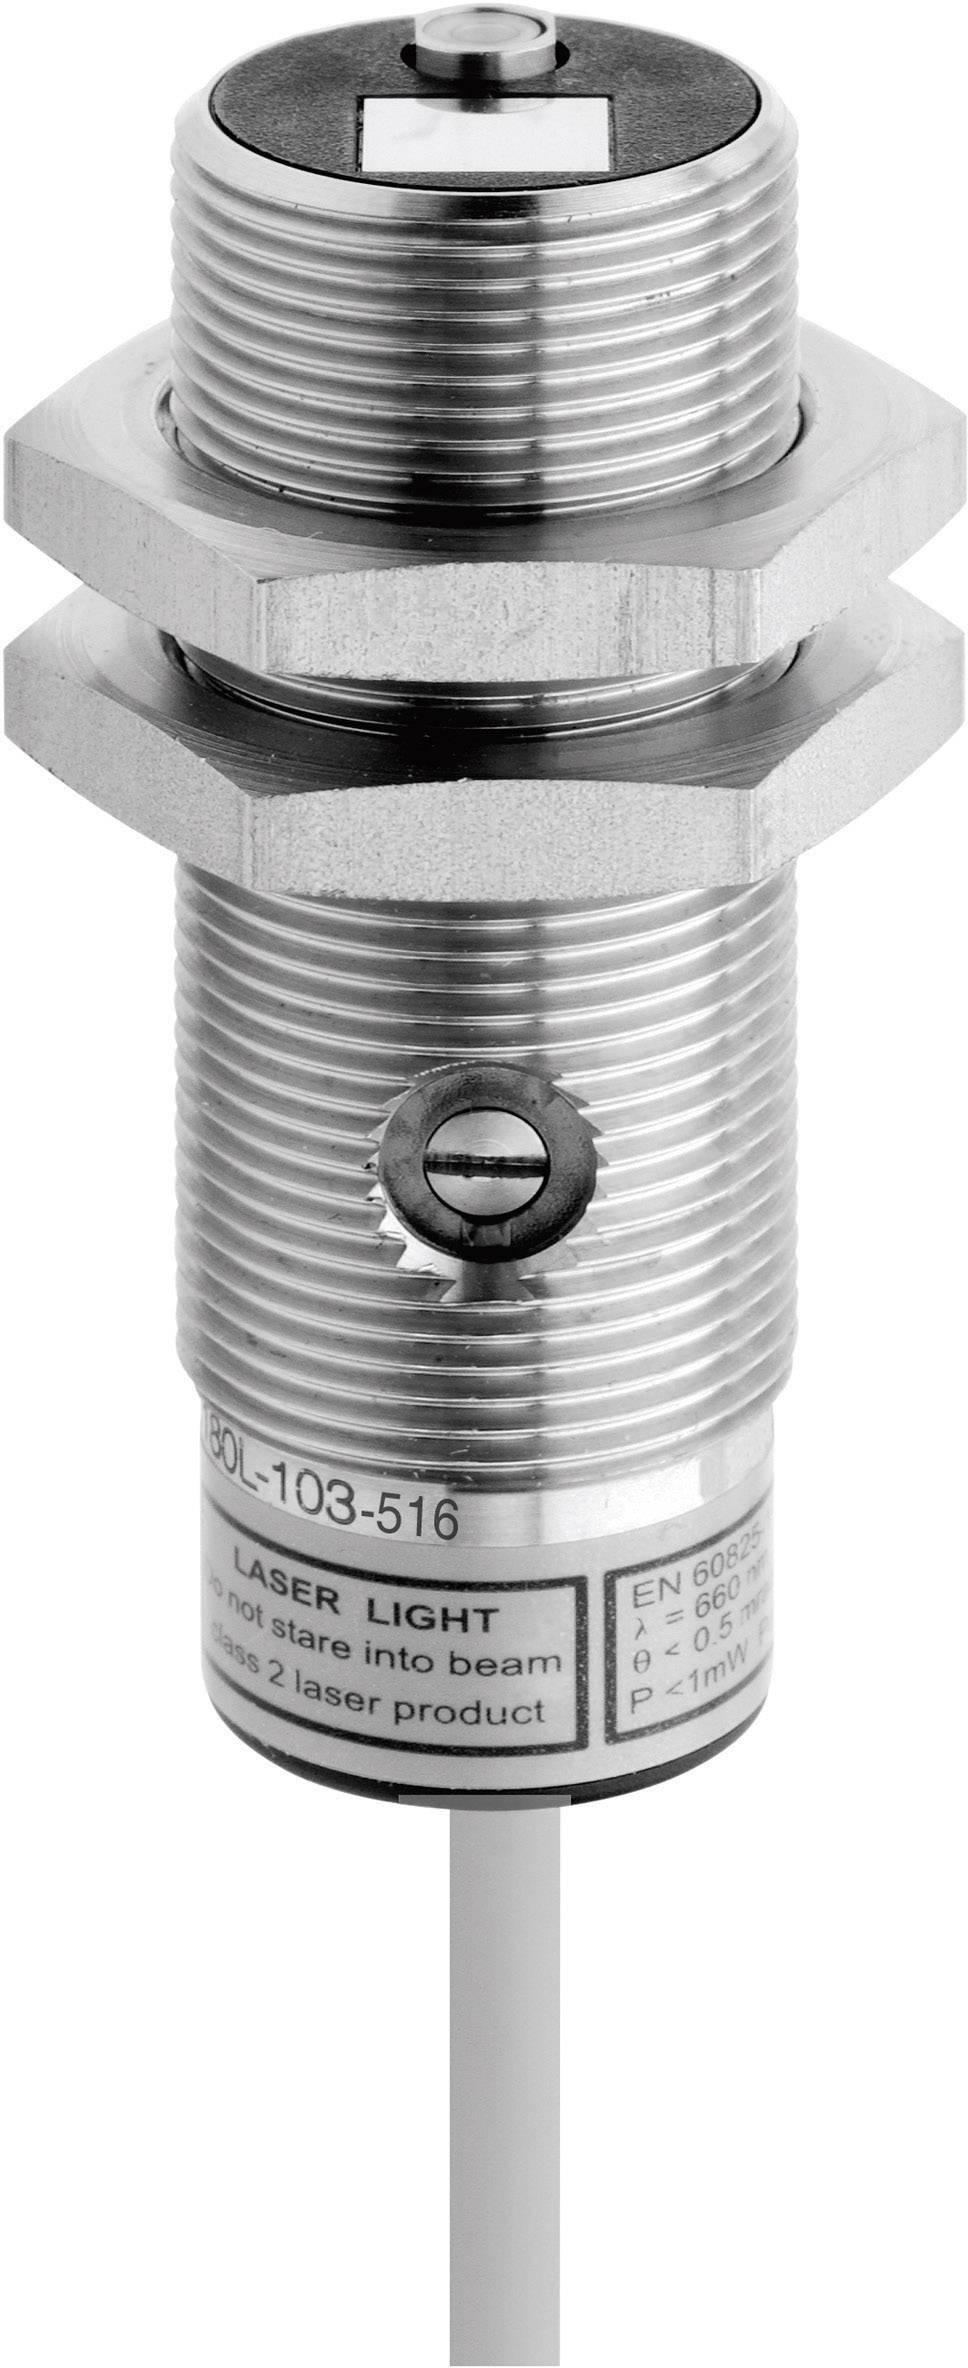 Reflexný laserový snímač CONTRINEX LTK-1180L-103-516, dosah 25 - 250 mm, kábel 2 m